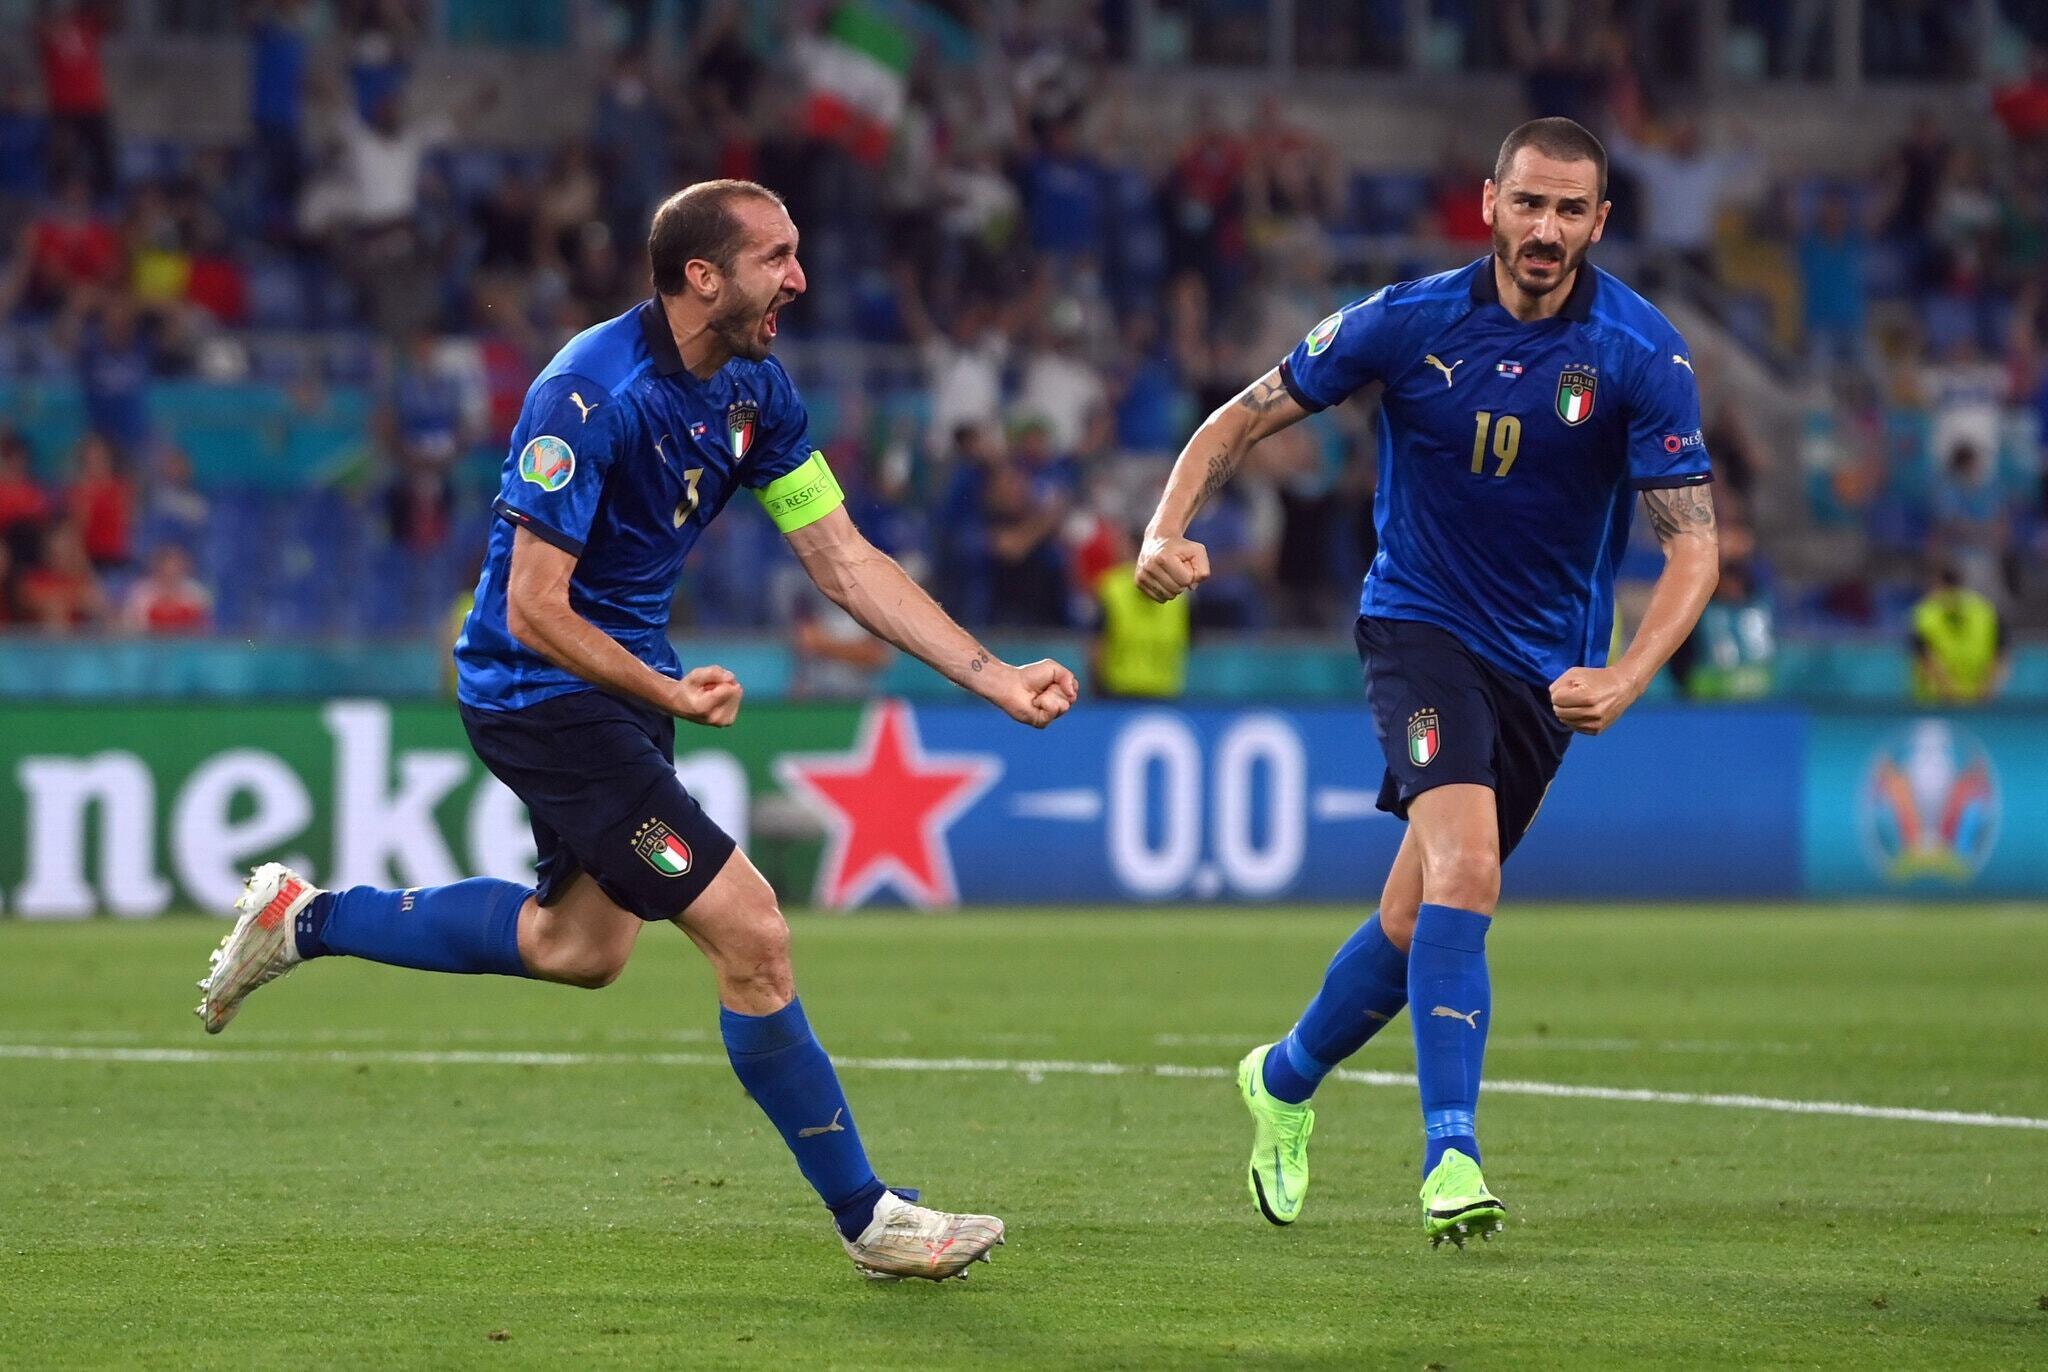 Bàn gỡ hoà của Bonucci có ý nghĩa đặc biệt lớn lao đối với anh và cả đội tuyển Ý